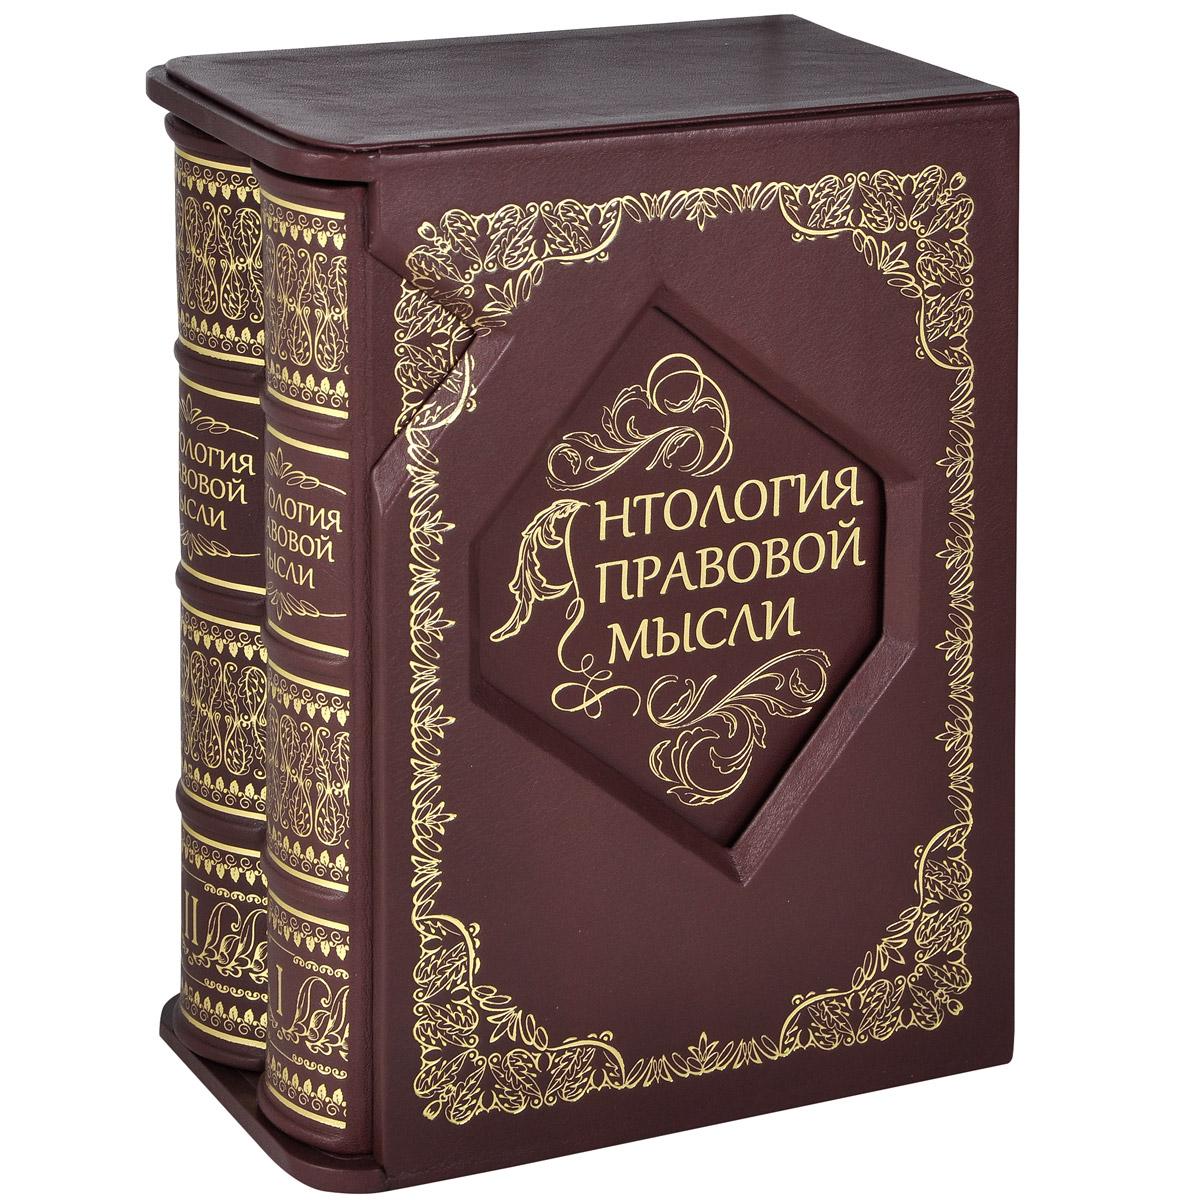 Антология правовой мысли в 2-х томах. В коробке. антология правовой мысли в 2 томах эксклюзивное подарочное издание